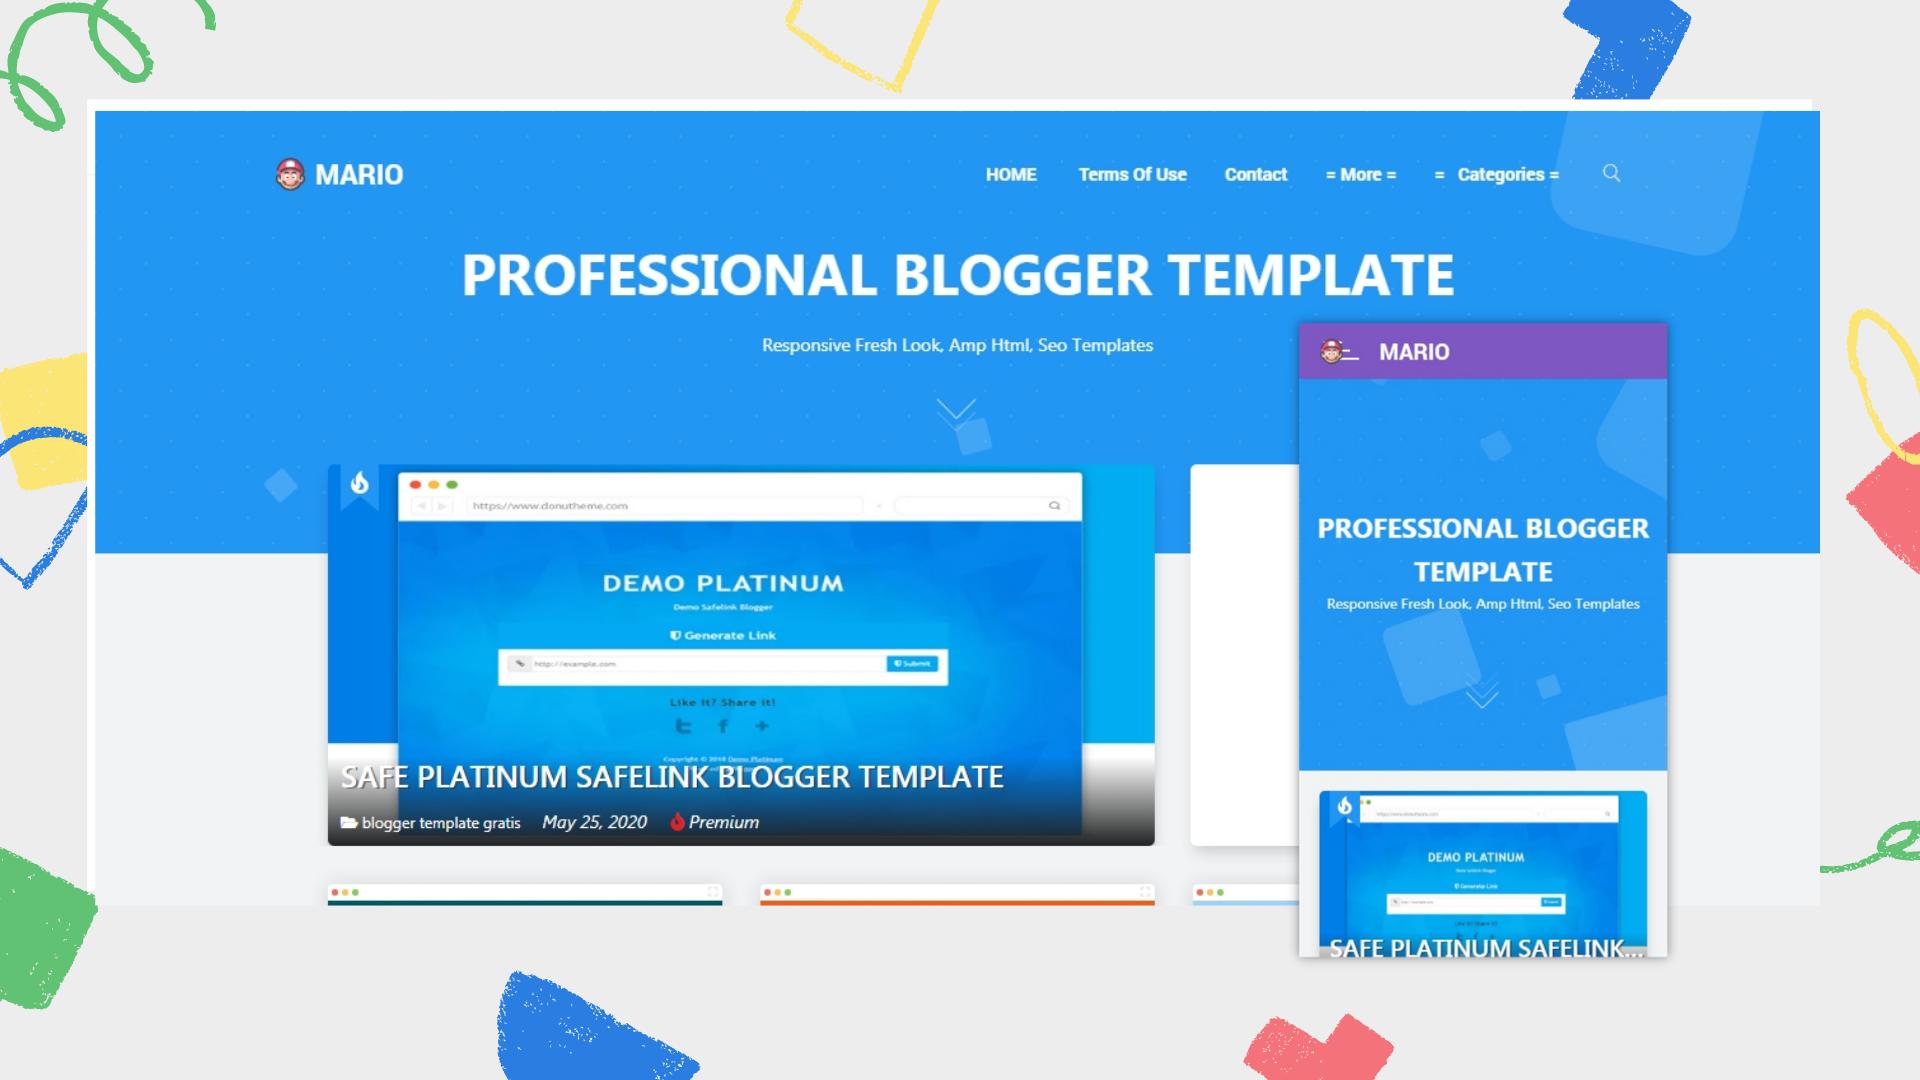 mario-premium-blogger-template